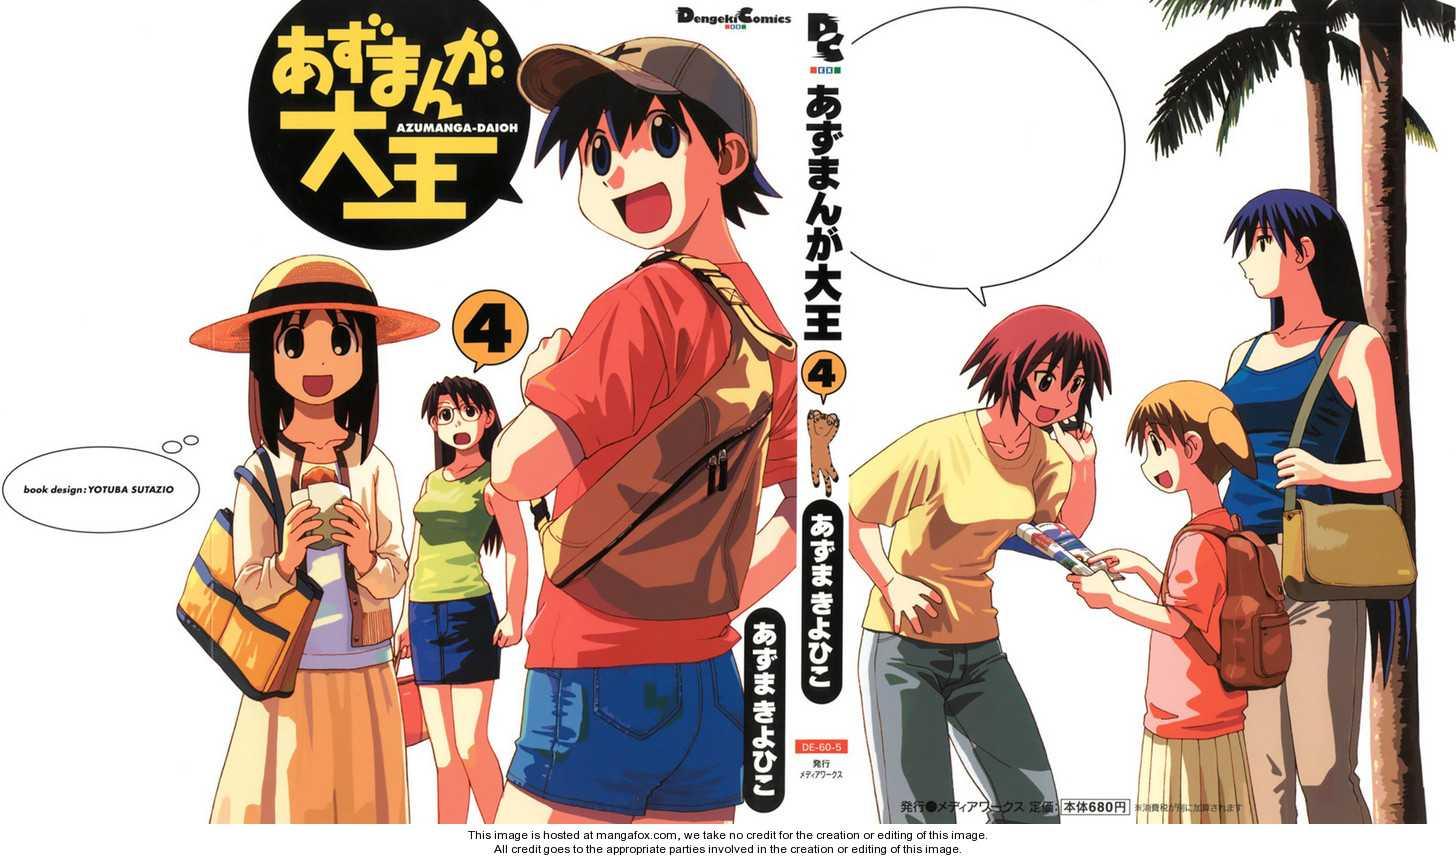 Azumanga Daioh 0 Page 1